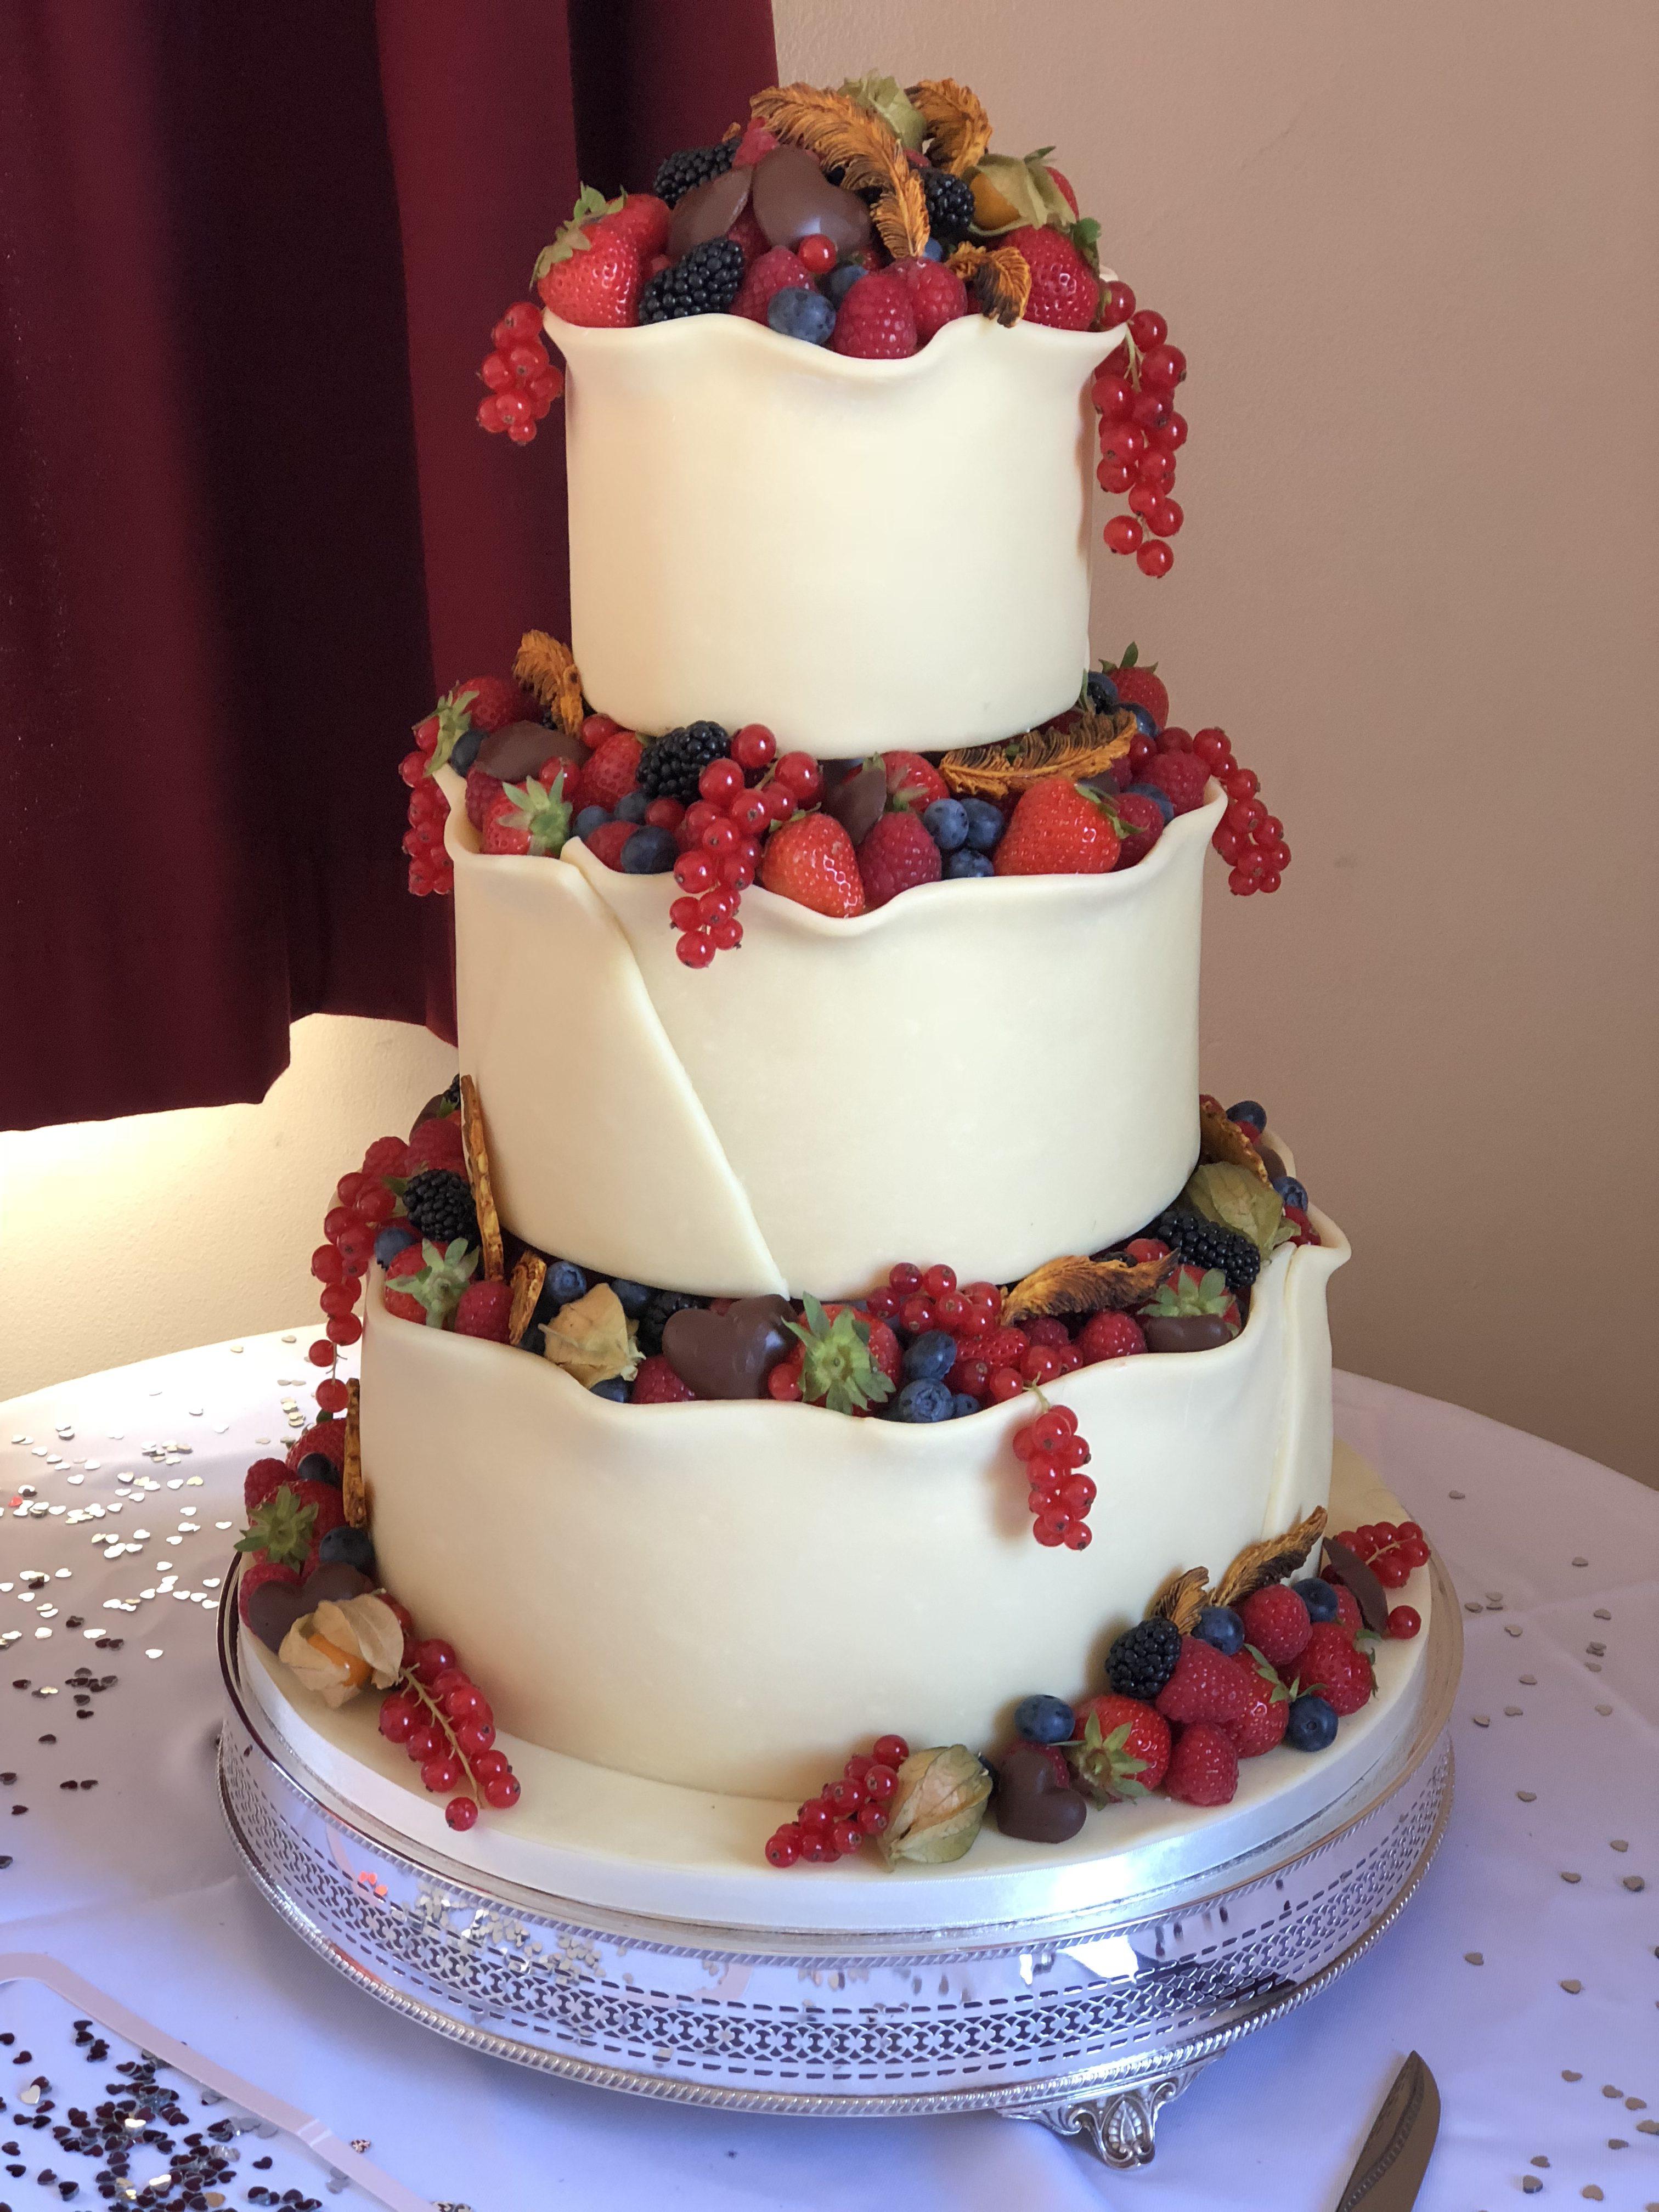 Summer Fruits & Feathers Wedding Cake